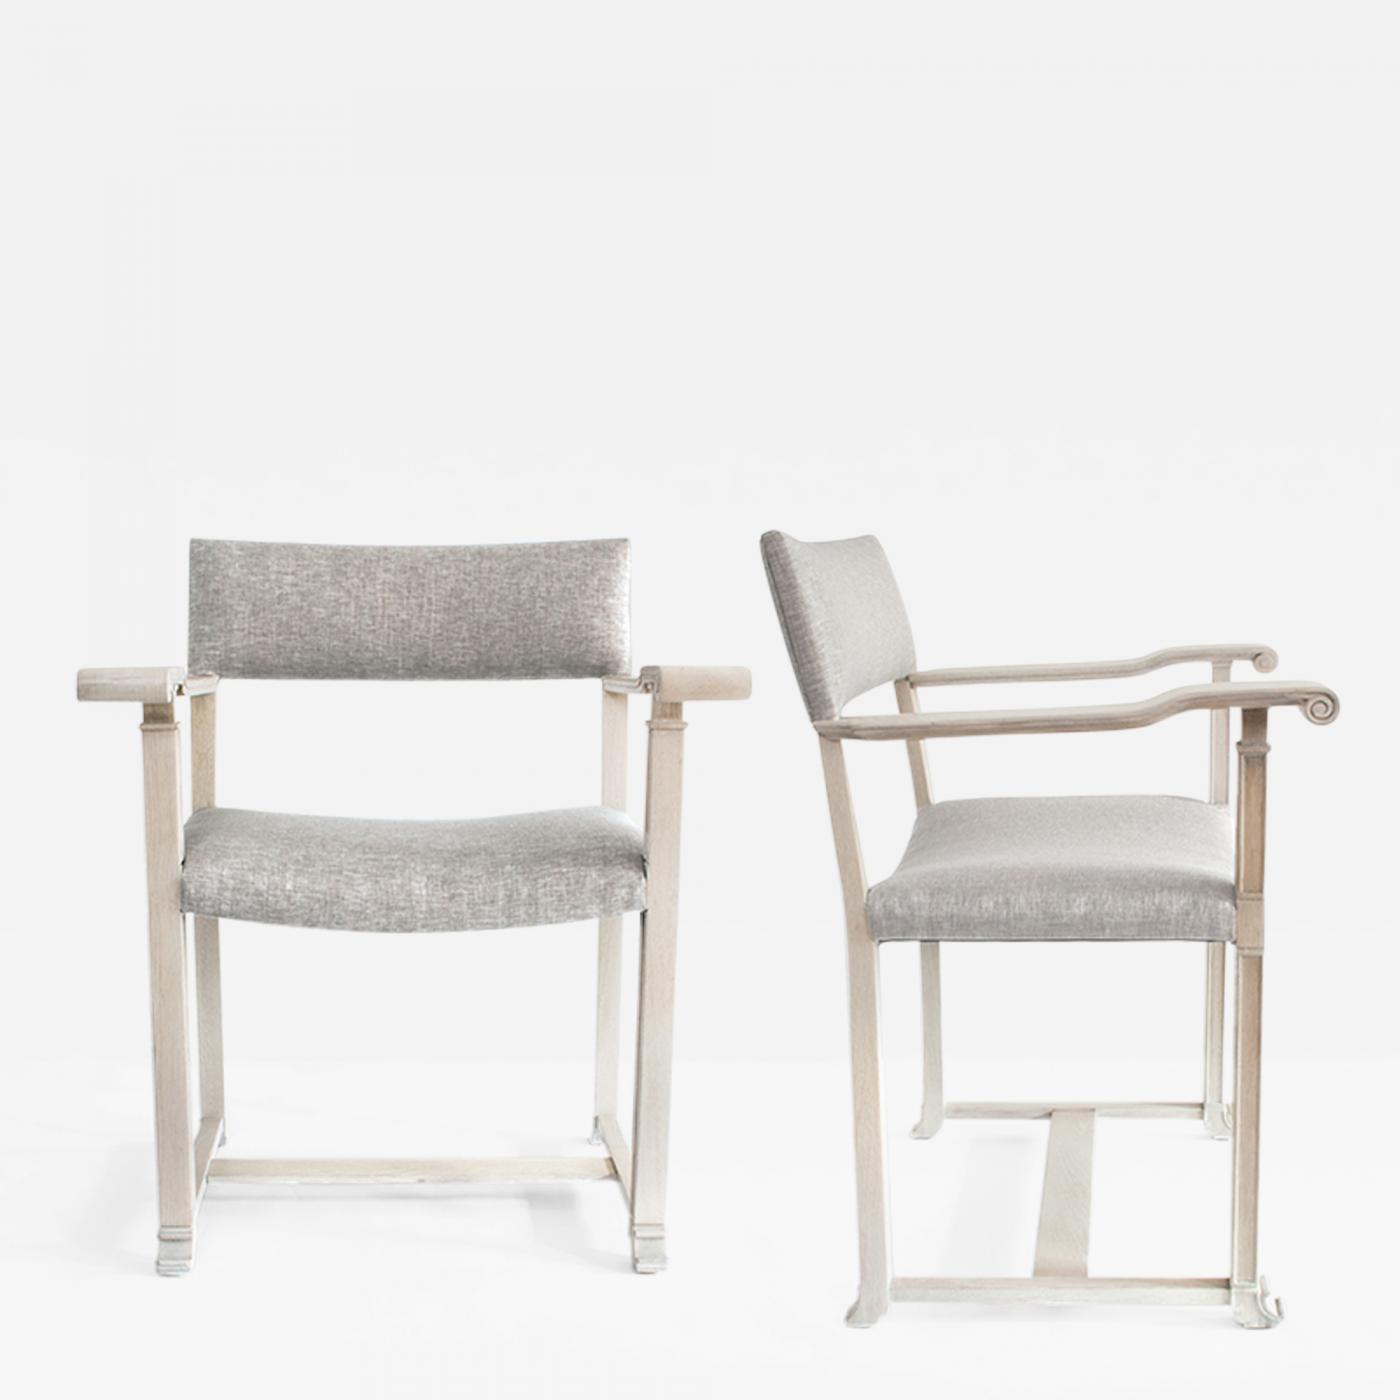 Outstanding Carl Bergsten Pair Of Scandinavian Modern White Oak Chairs Carl Bergsten Theyellowbook Wood Chair Design Ideas Theyellowbookinfo